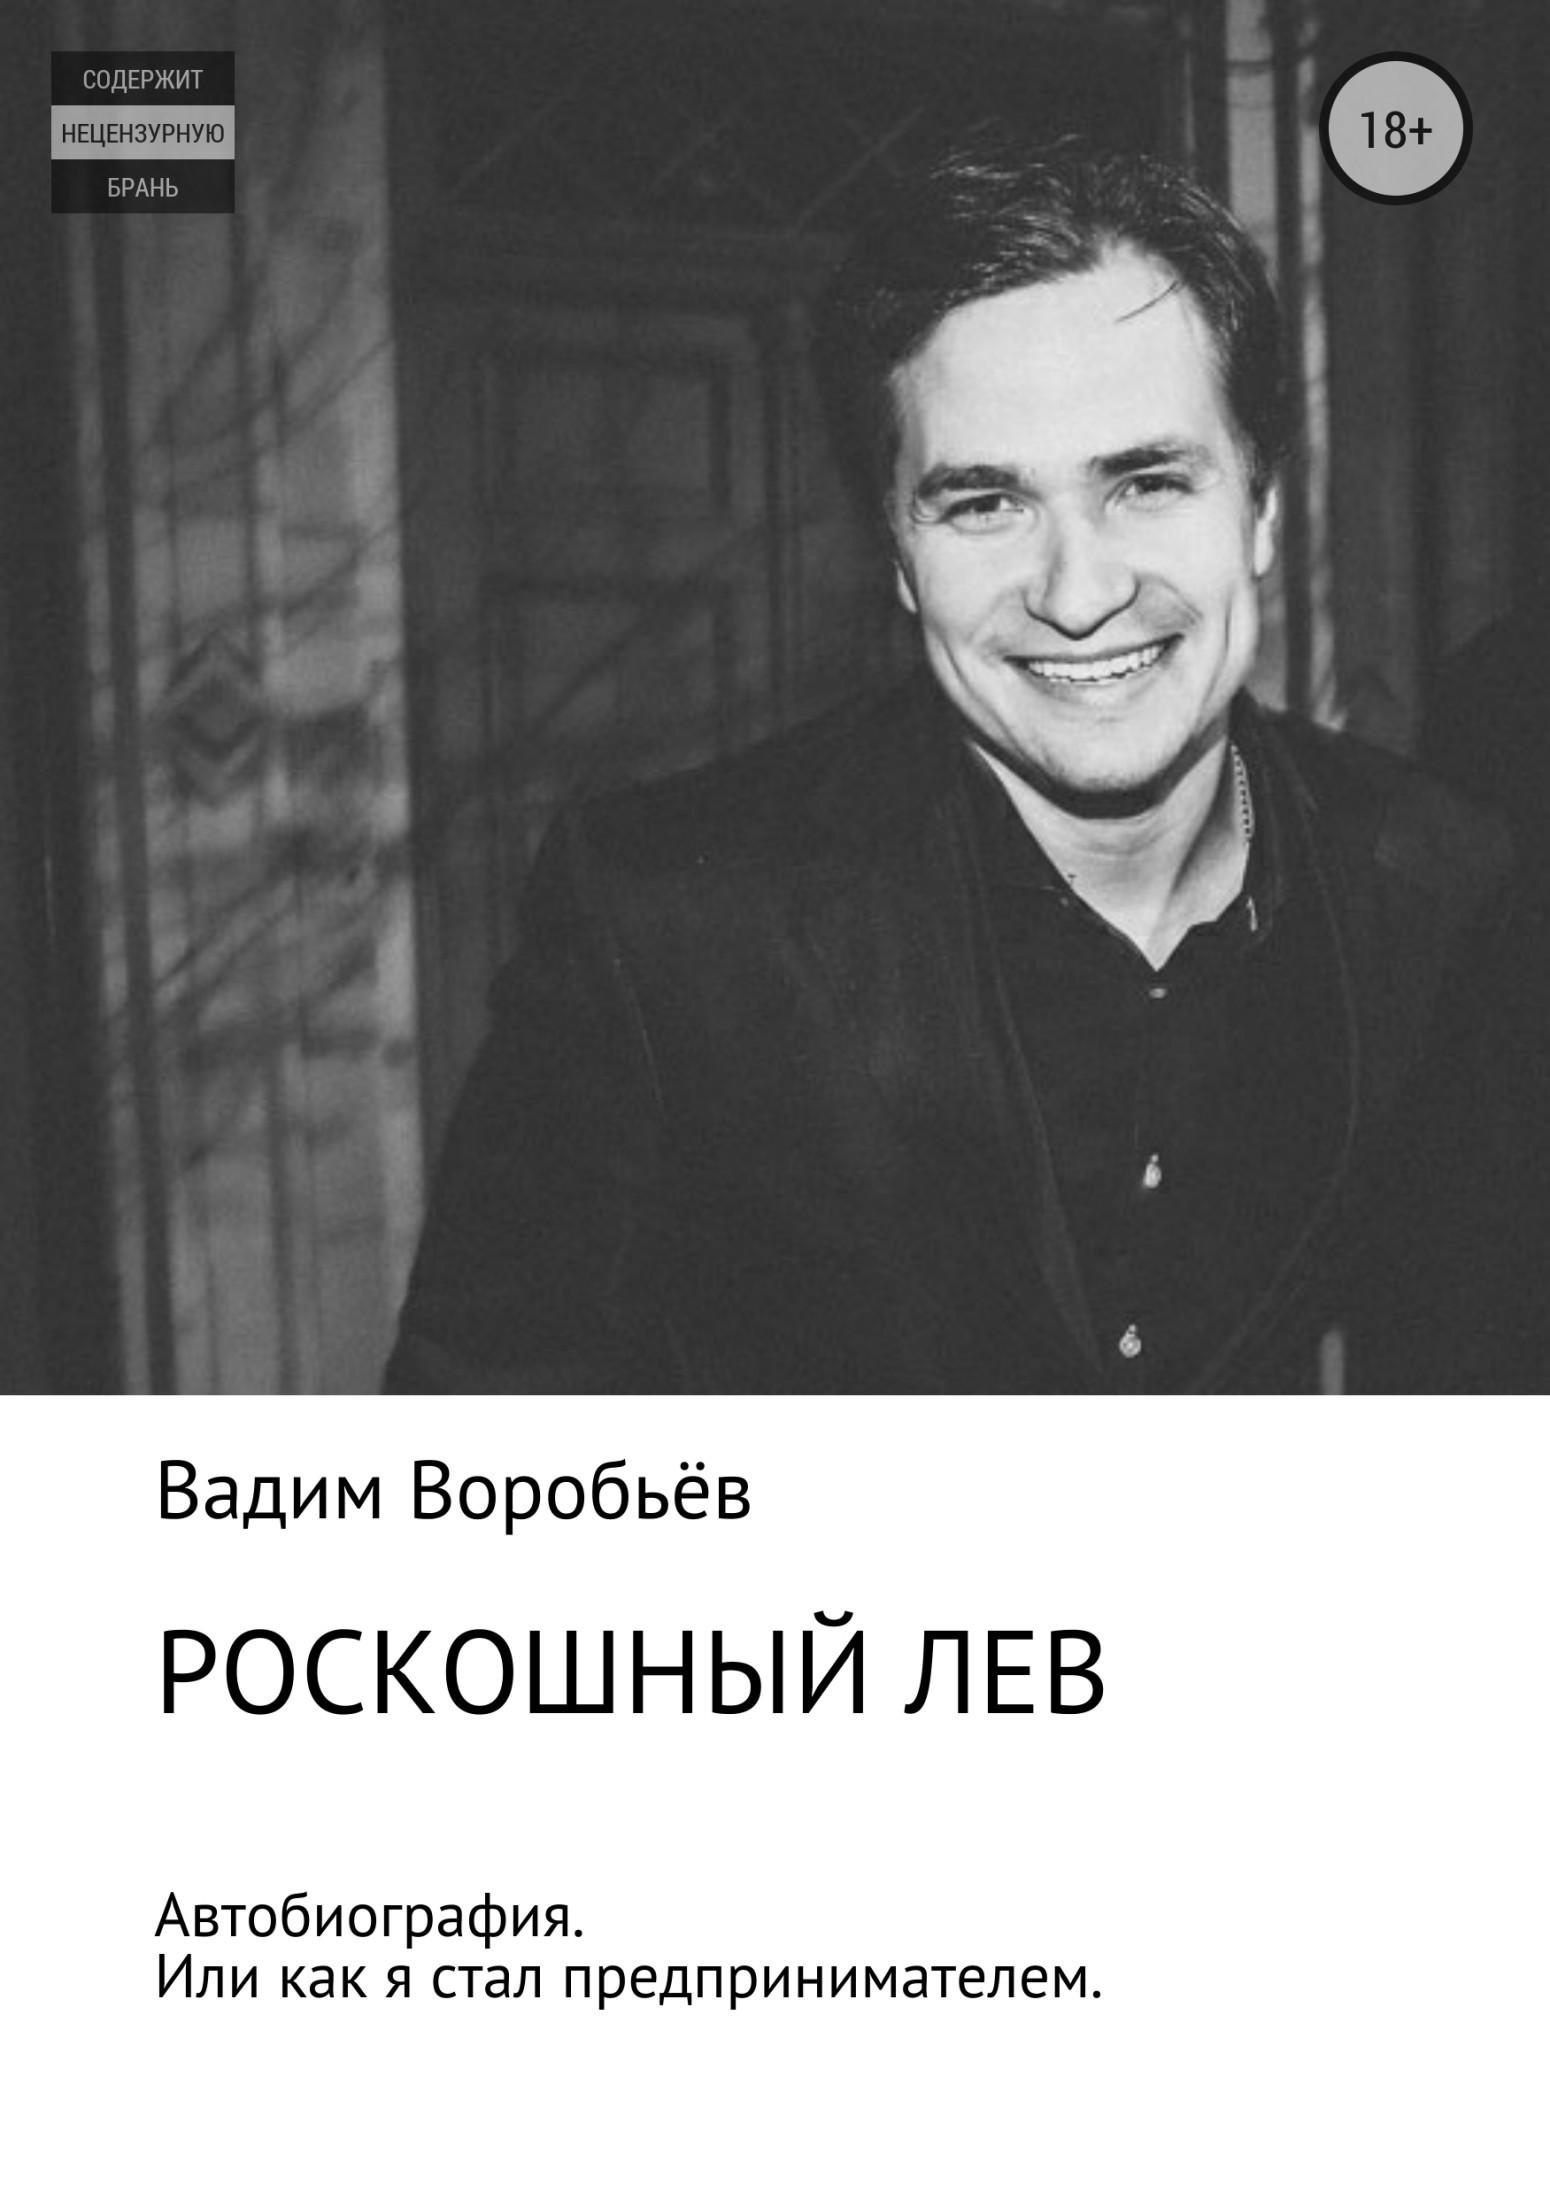 Обложка книги. Автор - Вадим Воробьёв